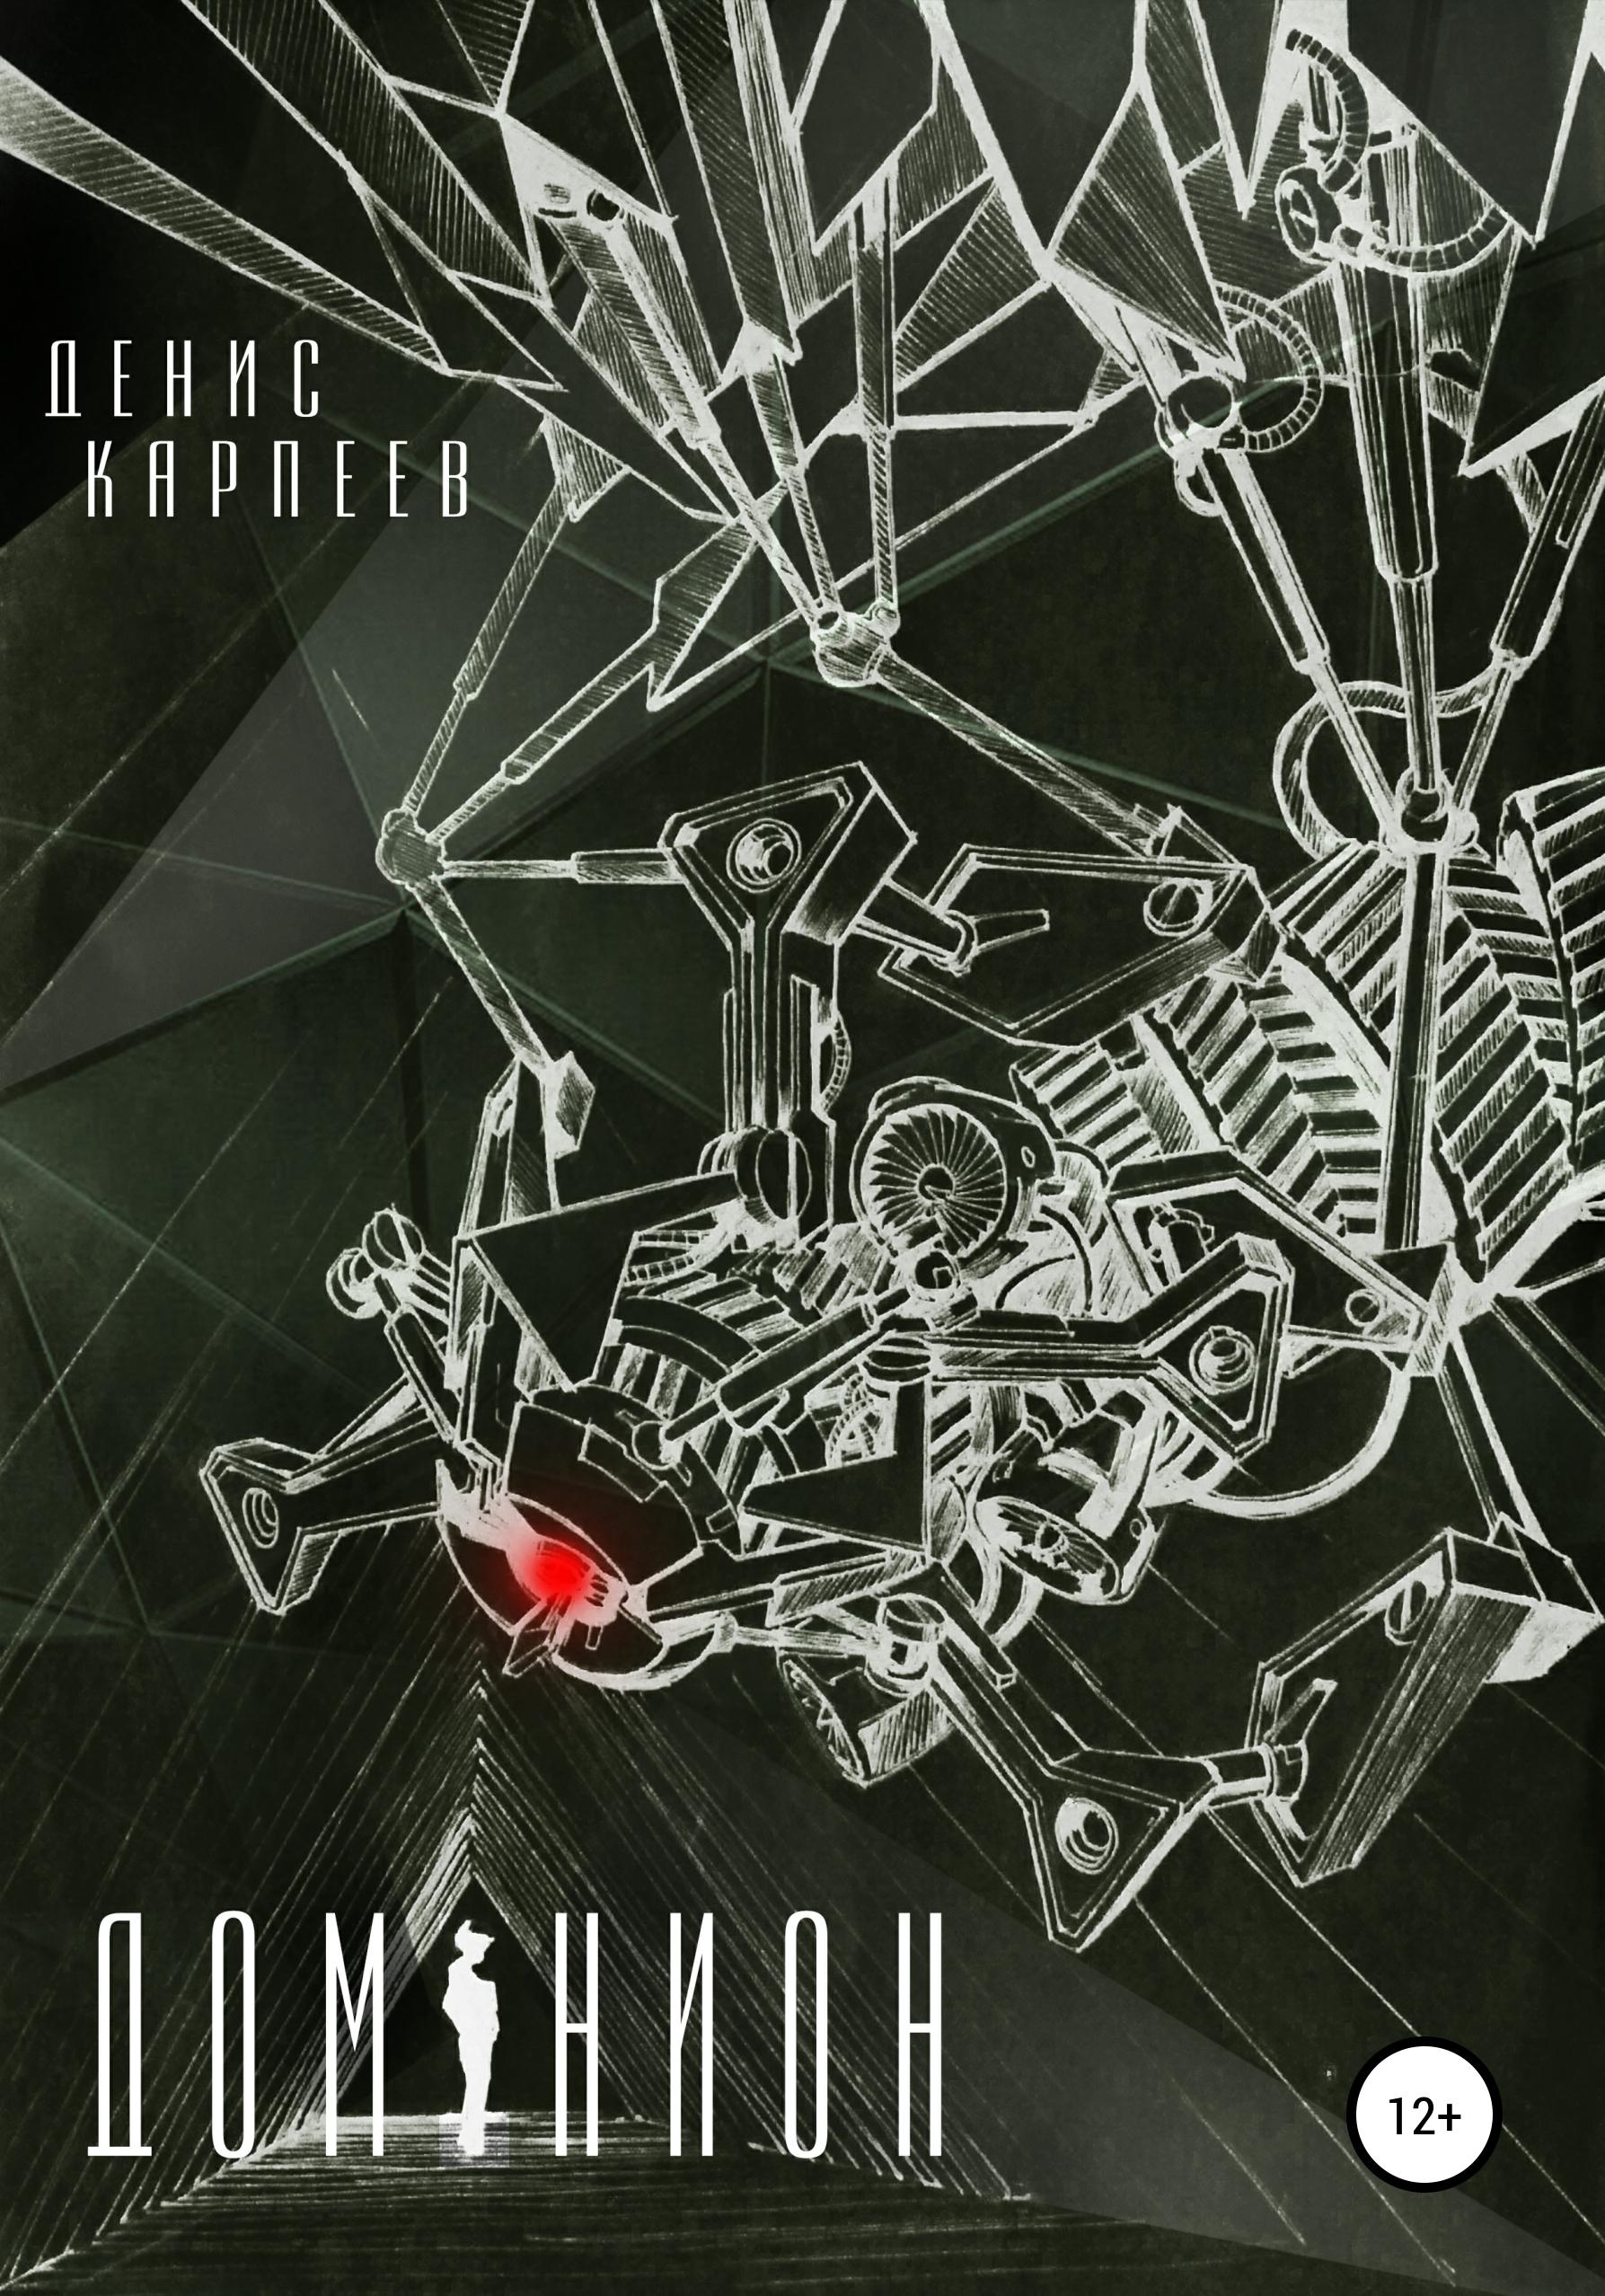 Купить книгу Доминион, автора Дениса Сергеевича Карпеева